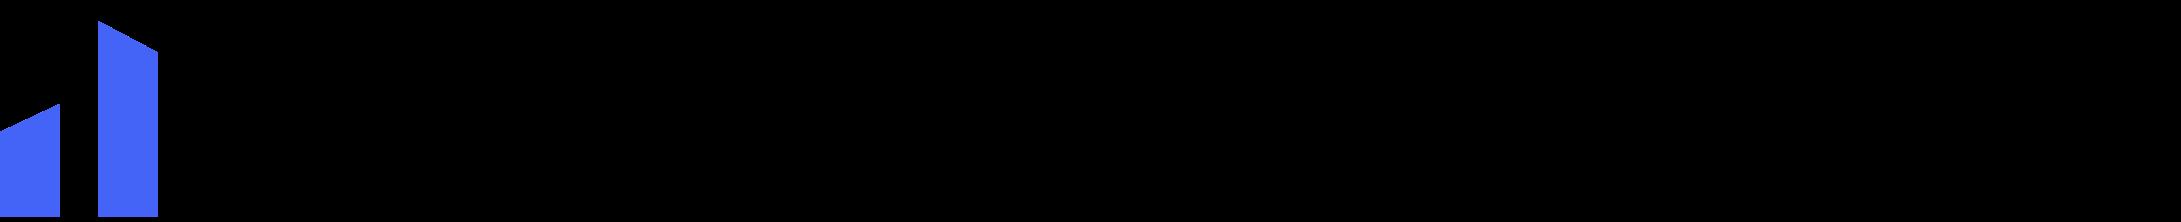 Long-colour-nobg